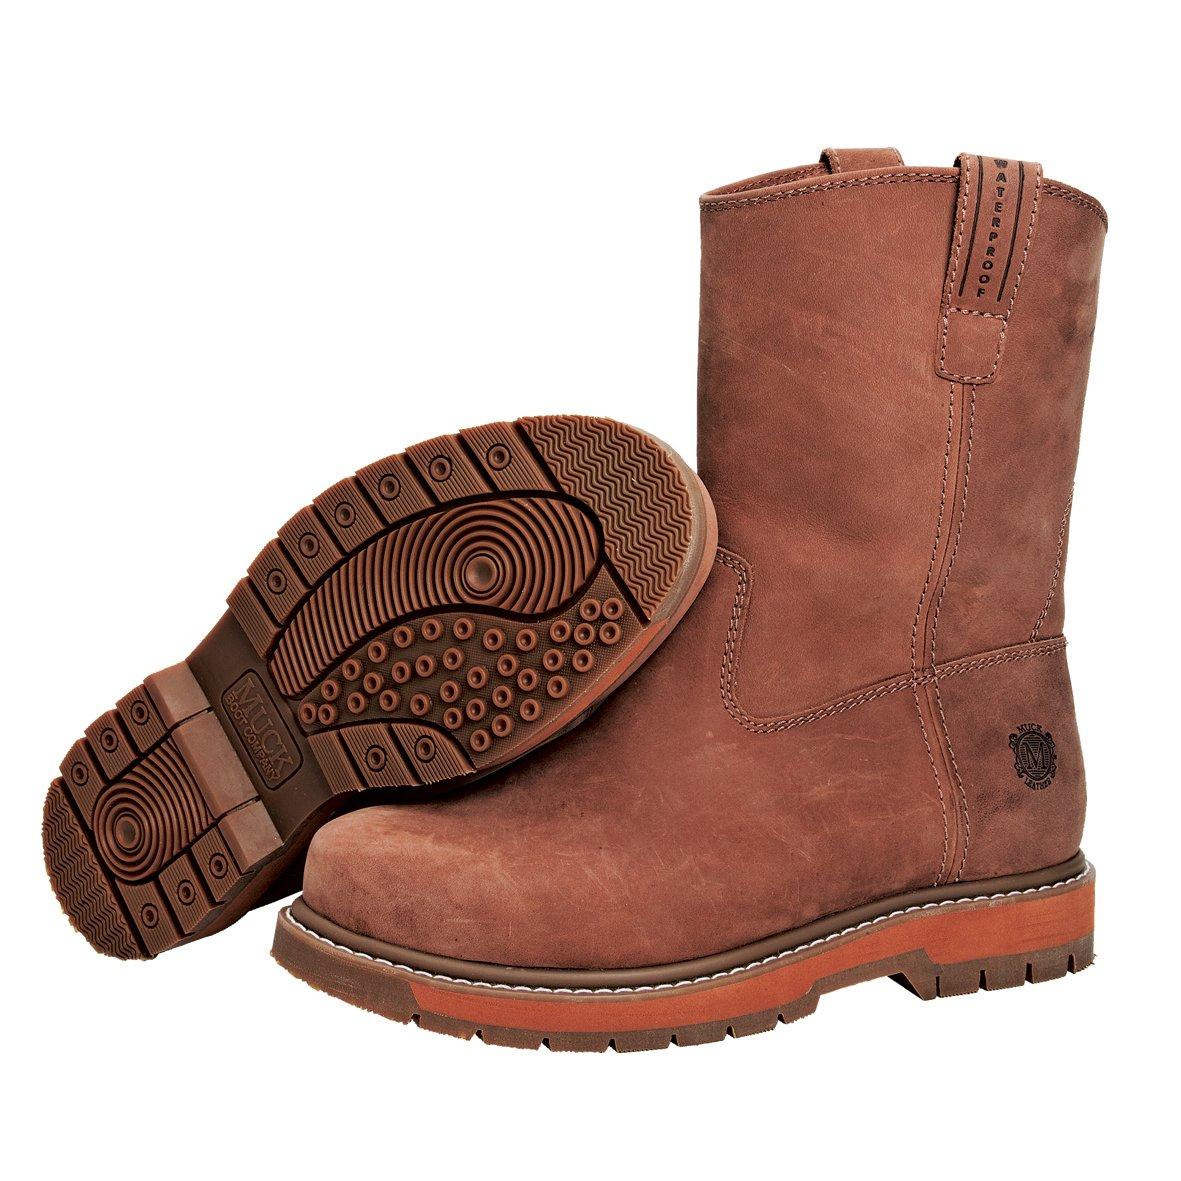 Muck Boot メンズ B004AVW8FK 7.5 D(M) US|ブラウン ブラウン 7.5 D(M) US